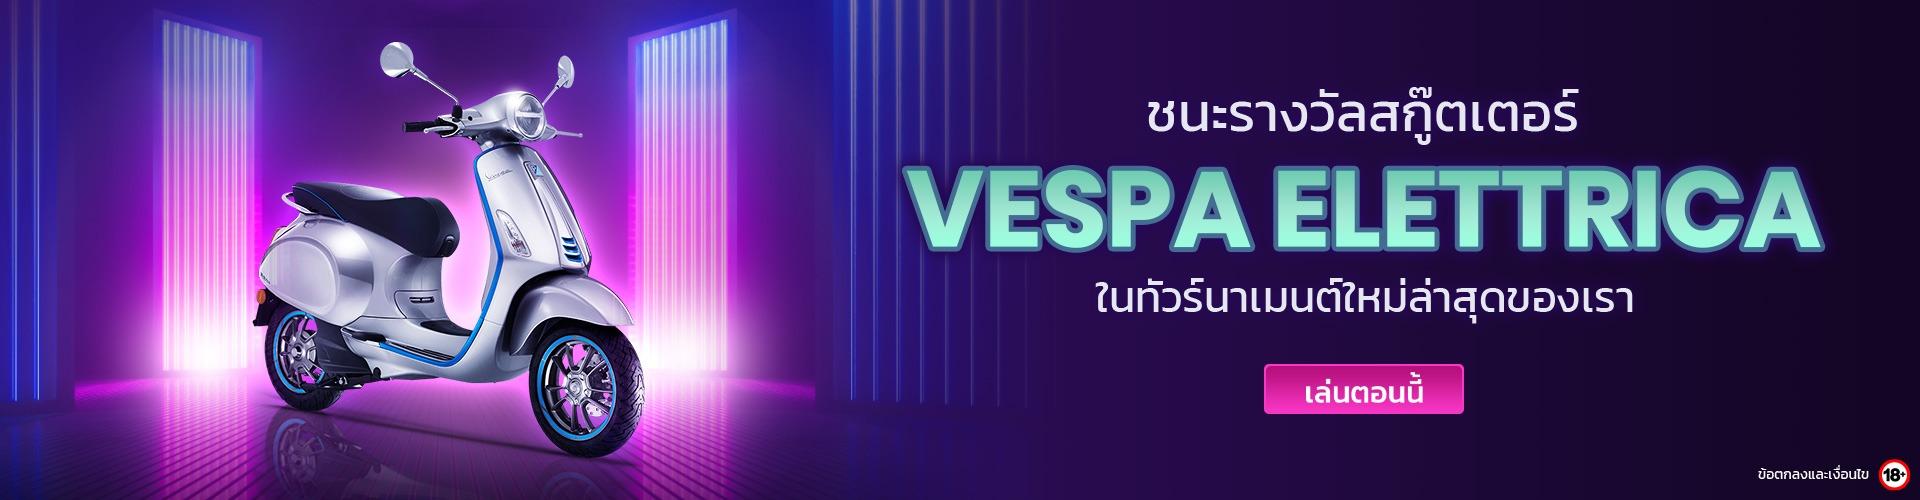 เล่นทัวร์นาเมนต์สล็อตออนไลน์ ลุ้นรับรถสกกู๊ตเตอร์ Vespa Elettrica